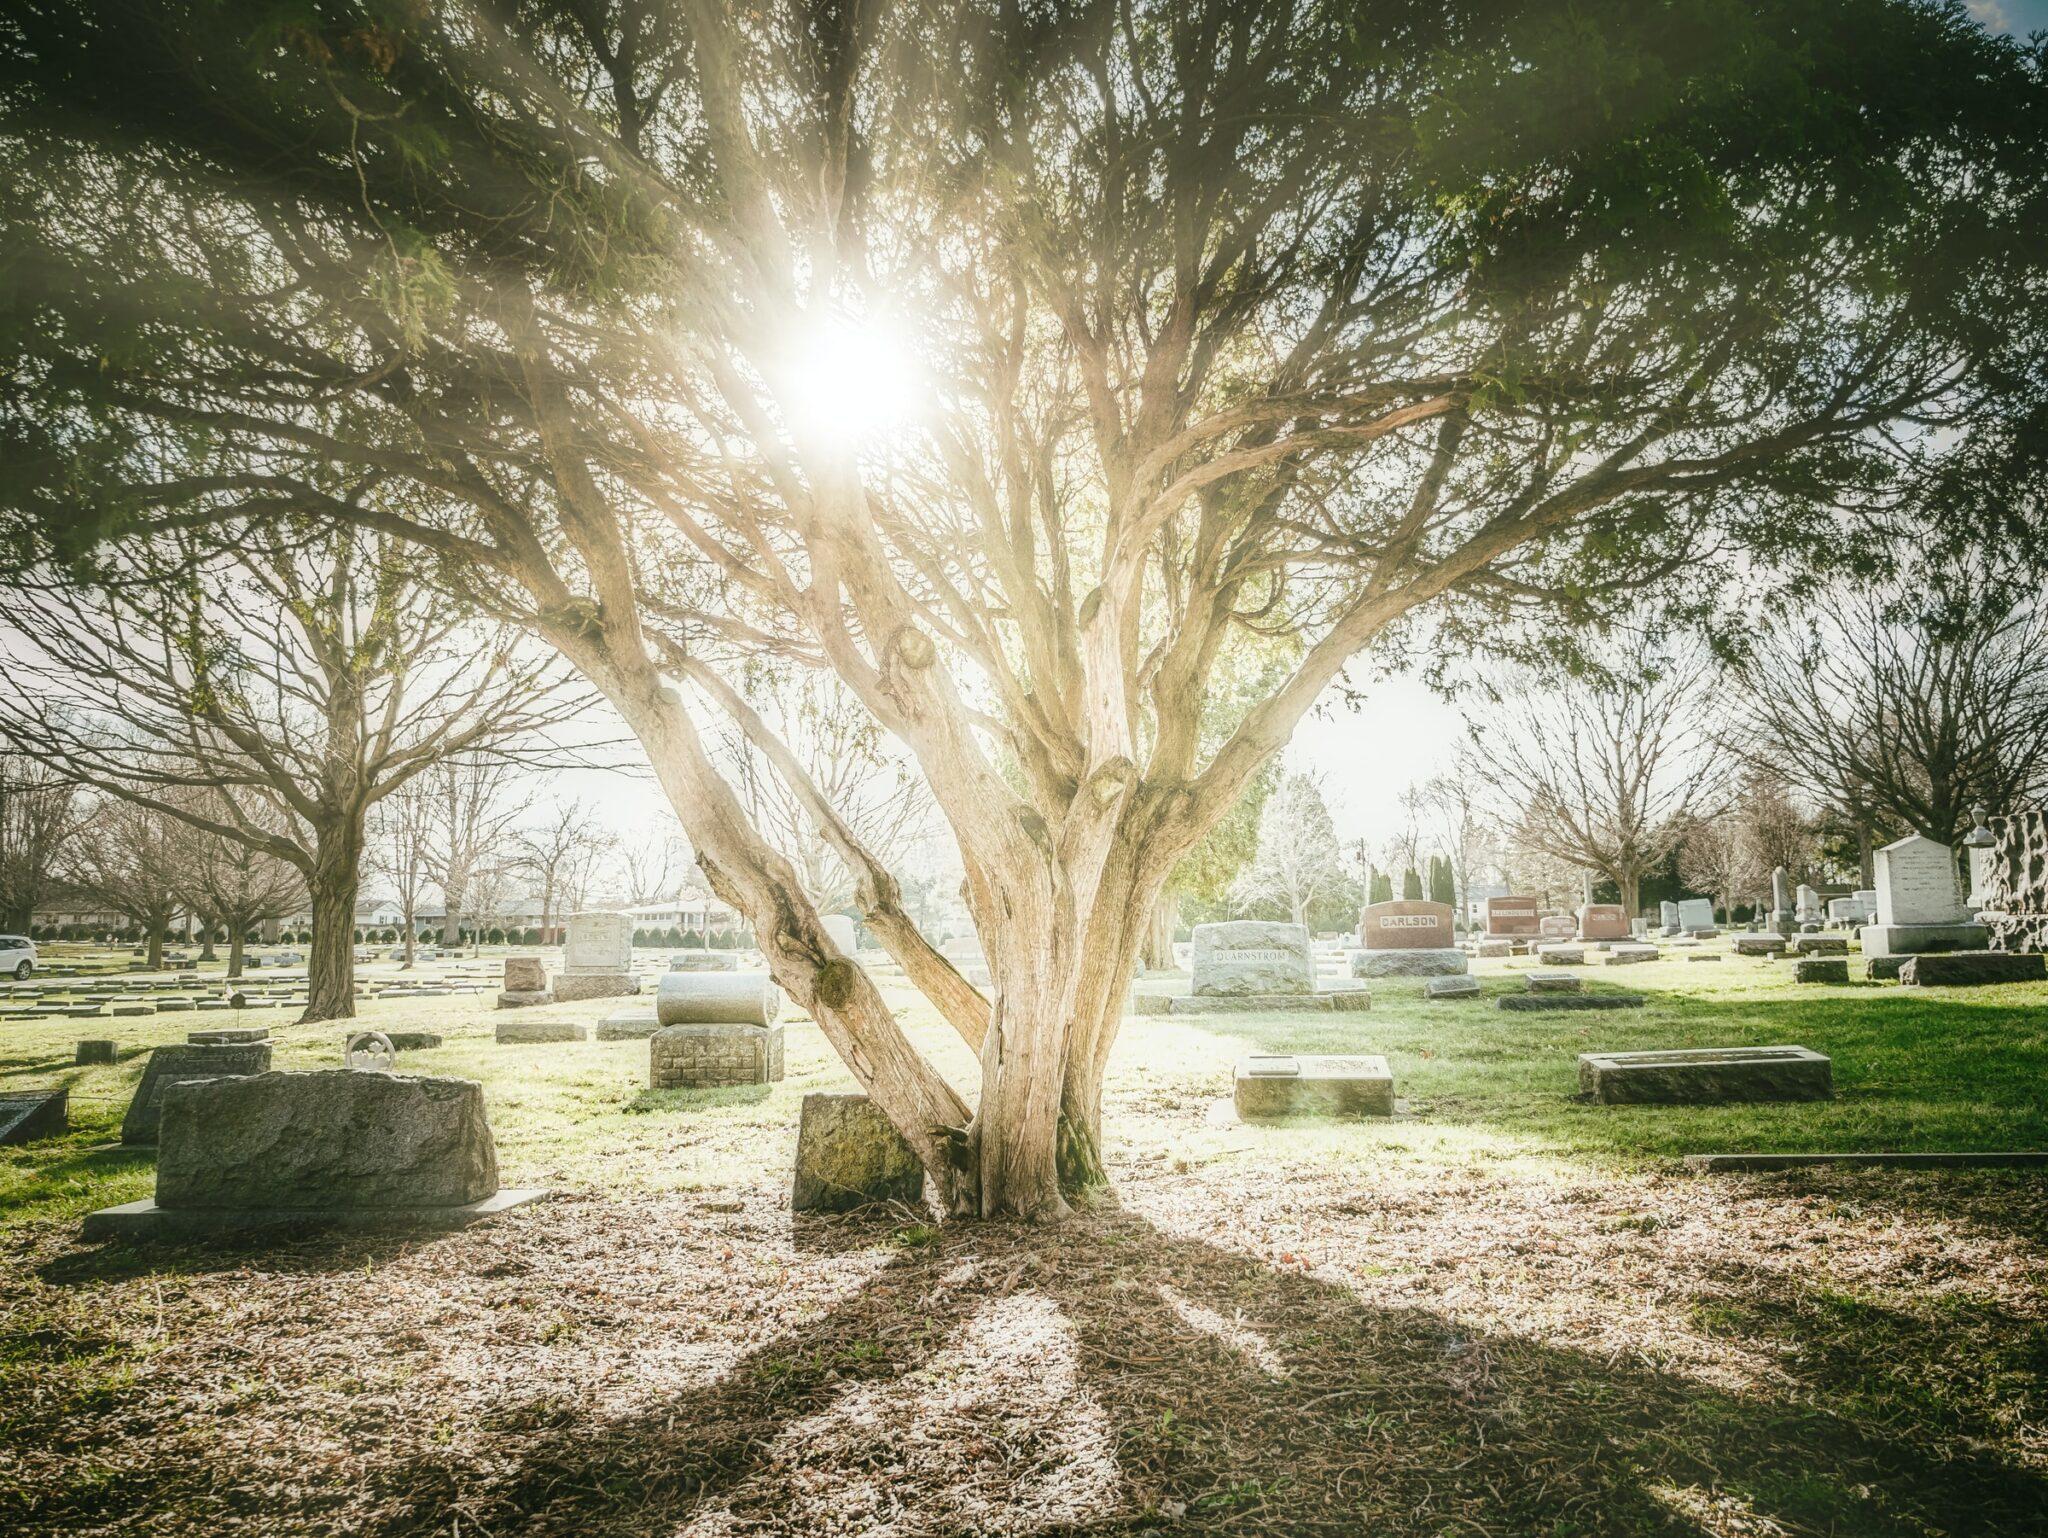 Friedhof mit Baum im Sonnenlicht